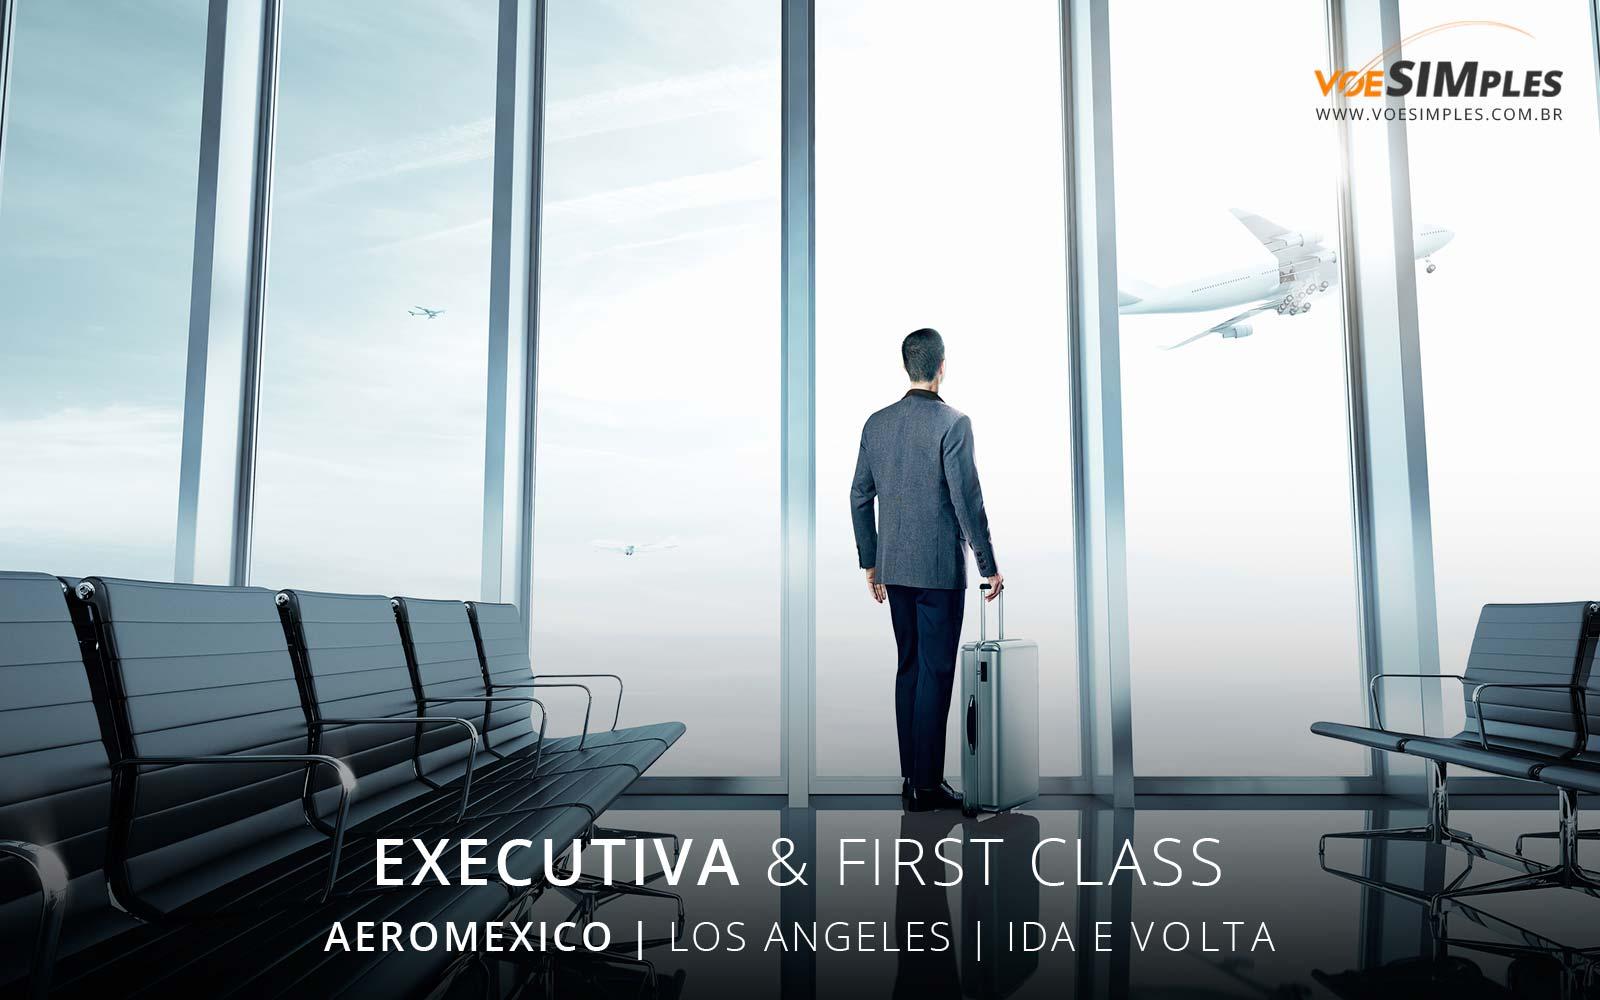 passagens-aereas-executiva-baratas-los-angeles-eua-america-norte-voe-simples-passages-aereas-promocionais-executivas-eua-passagem-promo-executiva-los-angeles-01